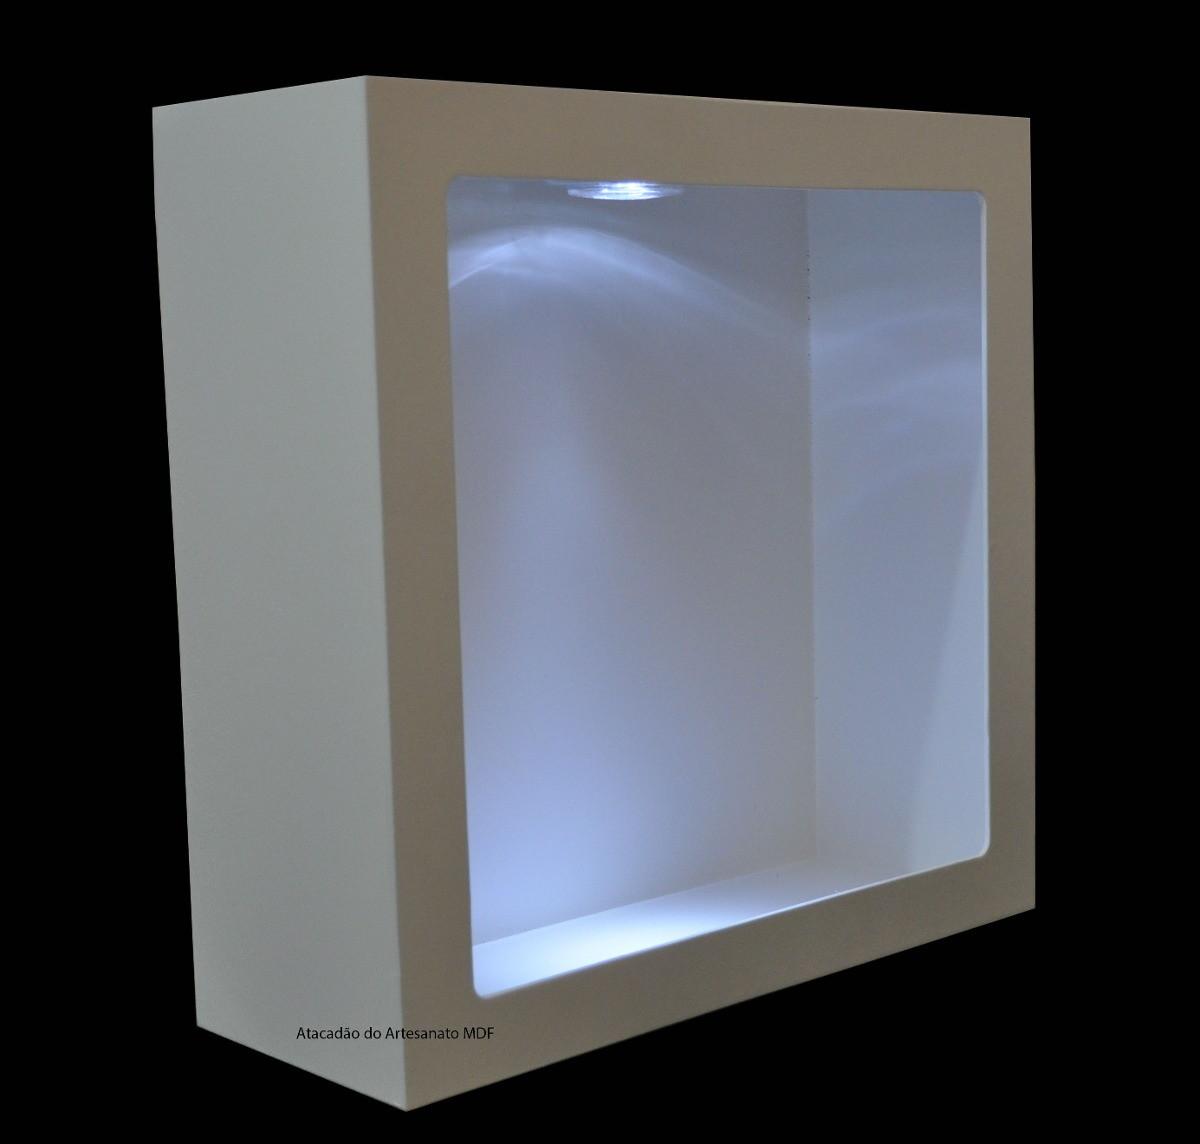 Nicho Quadrado Simp 37x37x12 Bco Cled  Atacadão do Artesanato MDF  Elo7 -> Nicho Banheiro Led